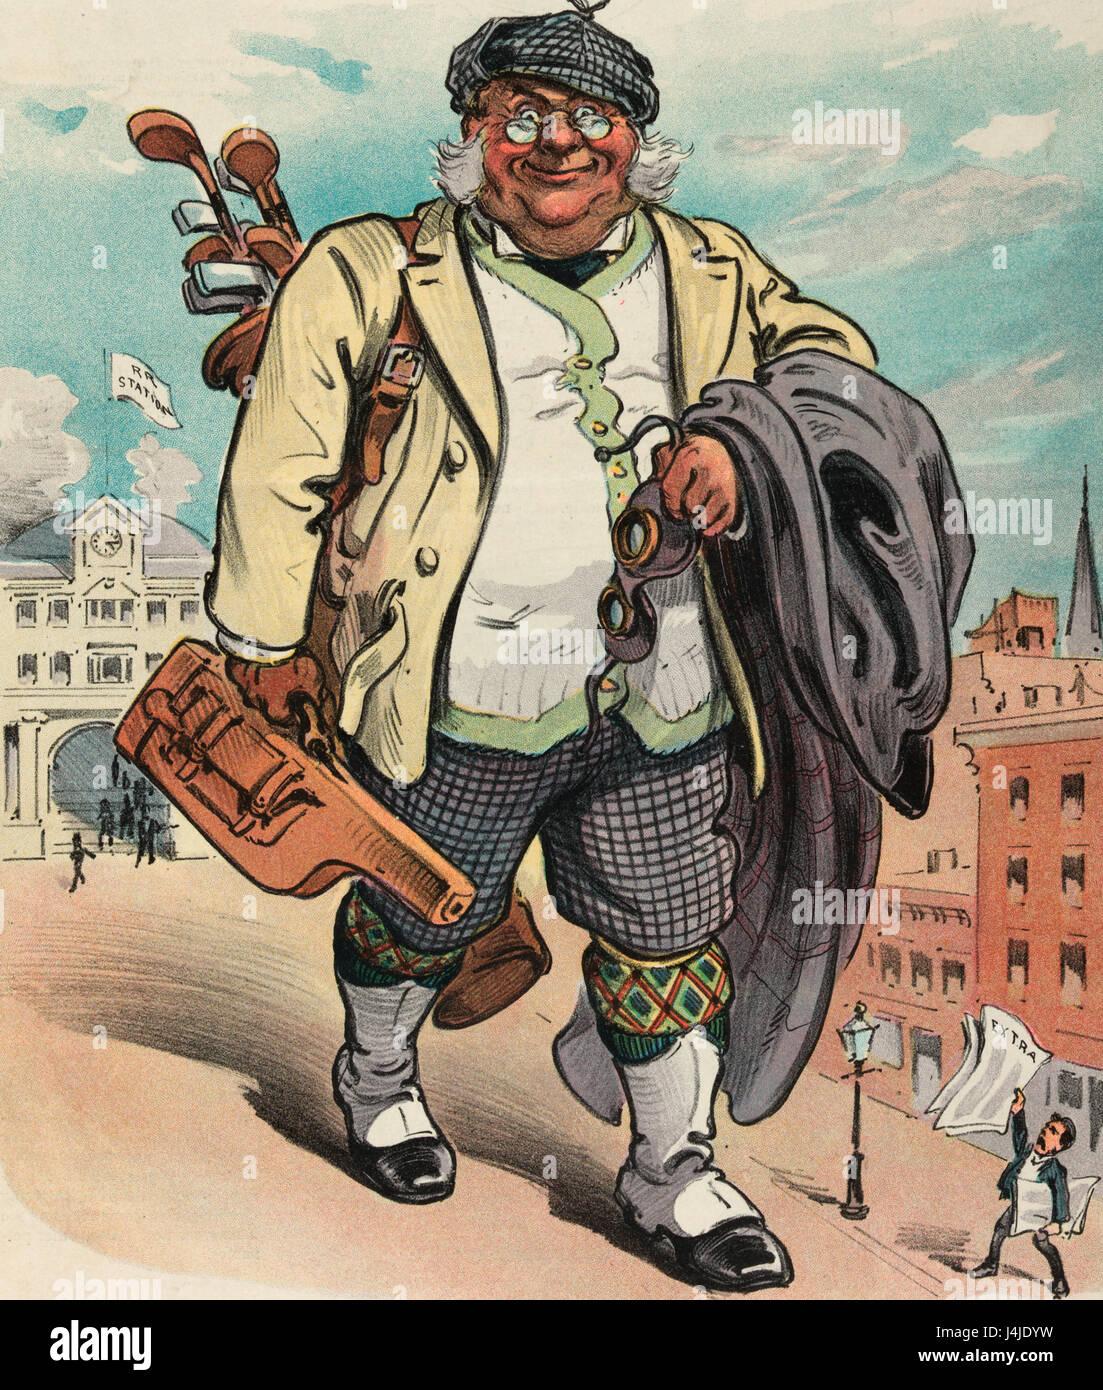 A la mañana siguiente - ilustración muestra un gran hombre llevan los palos de golf y una pequeña pieza de equipaje, Foto de stock